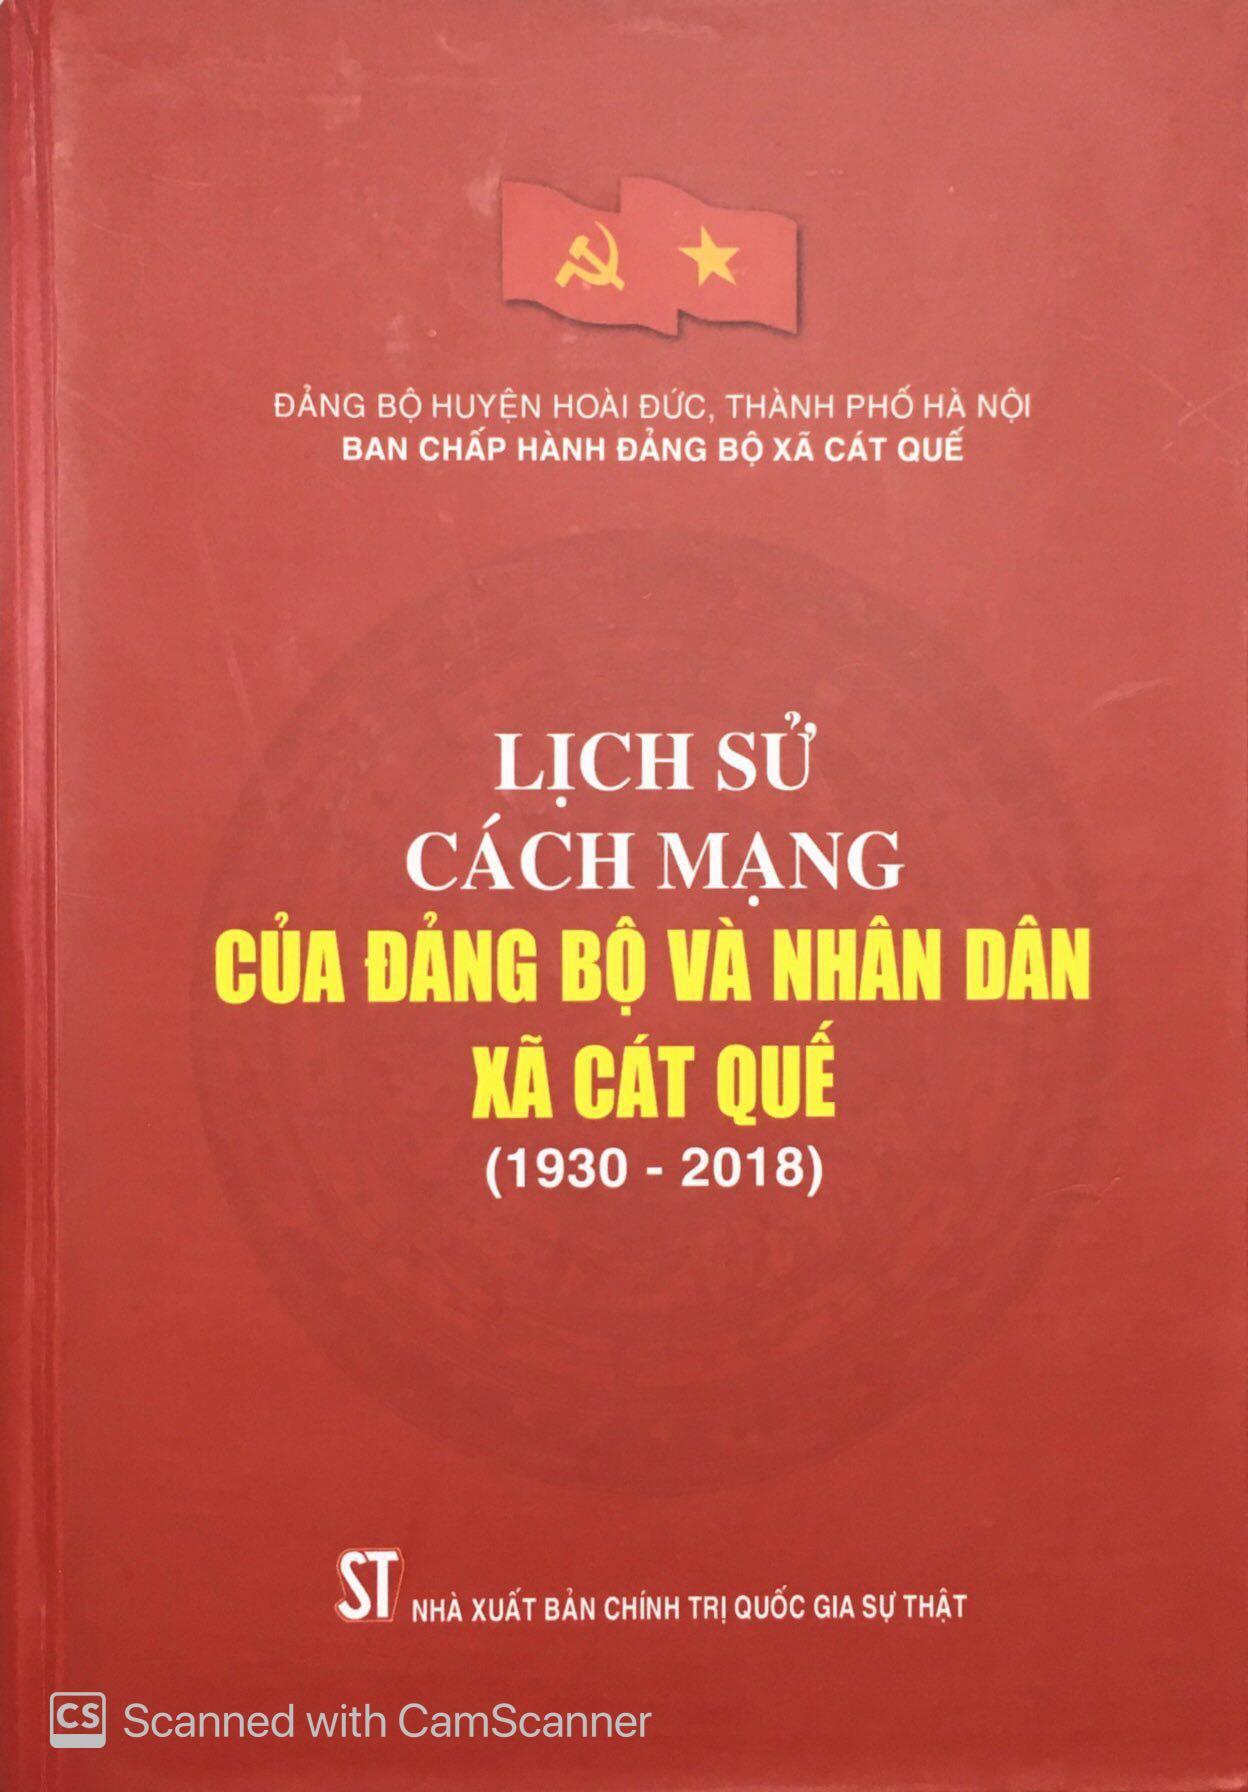 Lịch sử cách mạng của Đảng bộ và Nhân dân xã Cát Quế (1930 - 2018)